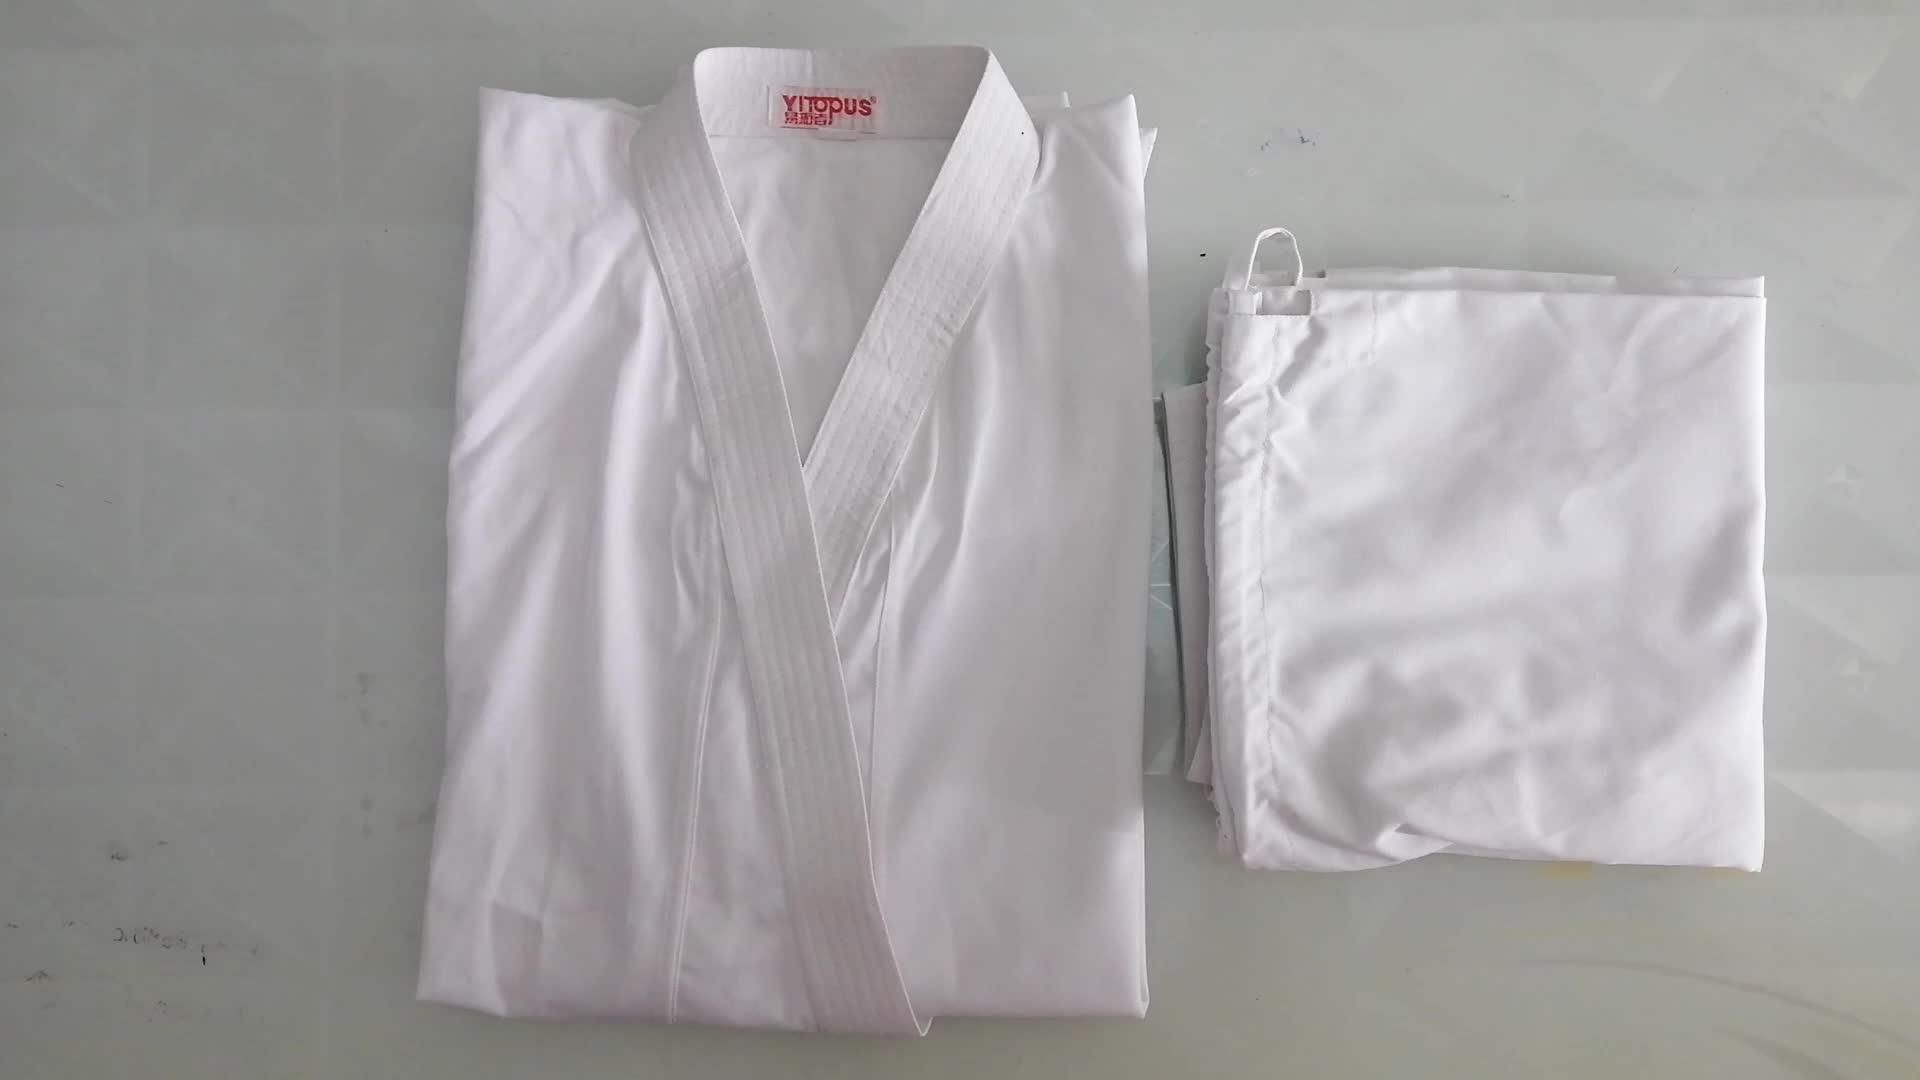 wkf goedgekeurd hoge kwaliteit witte karate gi karate uniform comfortabel voor training